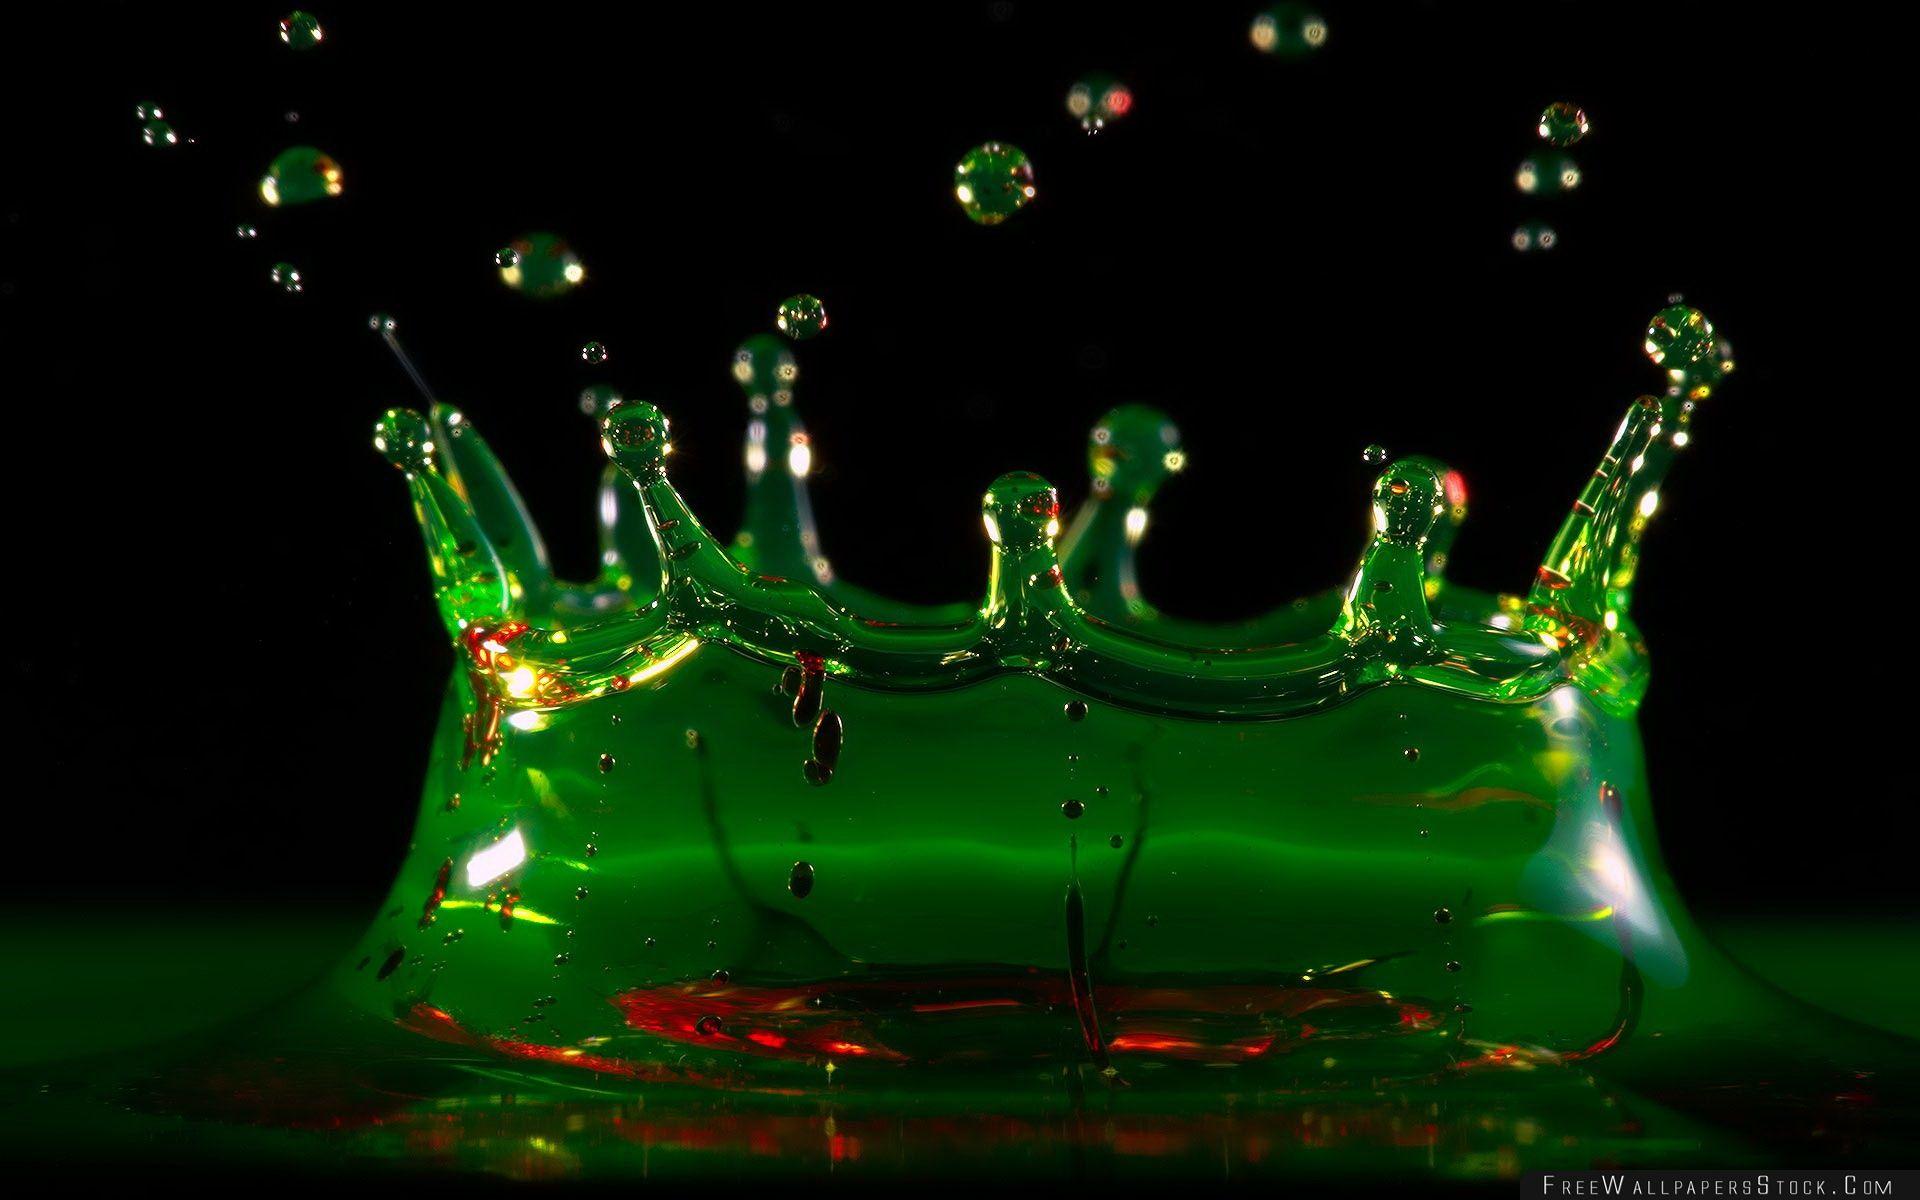 Download Free Wallpaper Water Splash Green